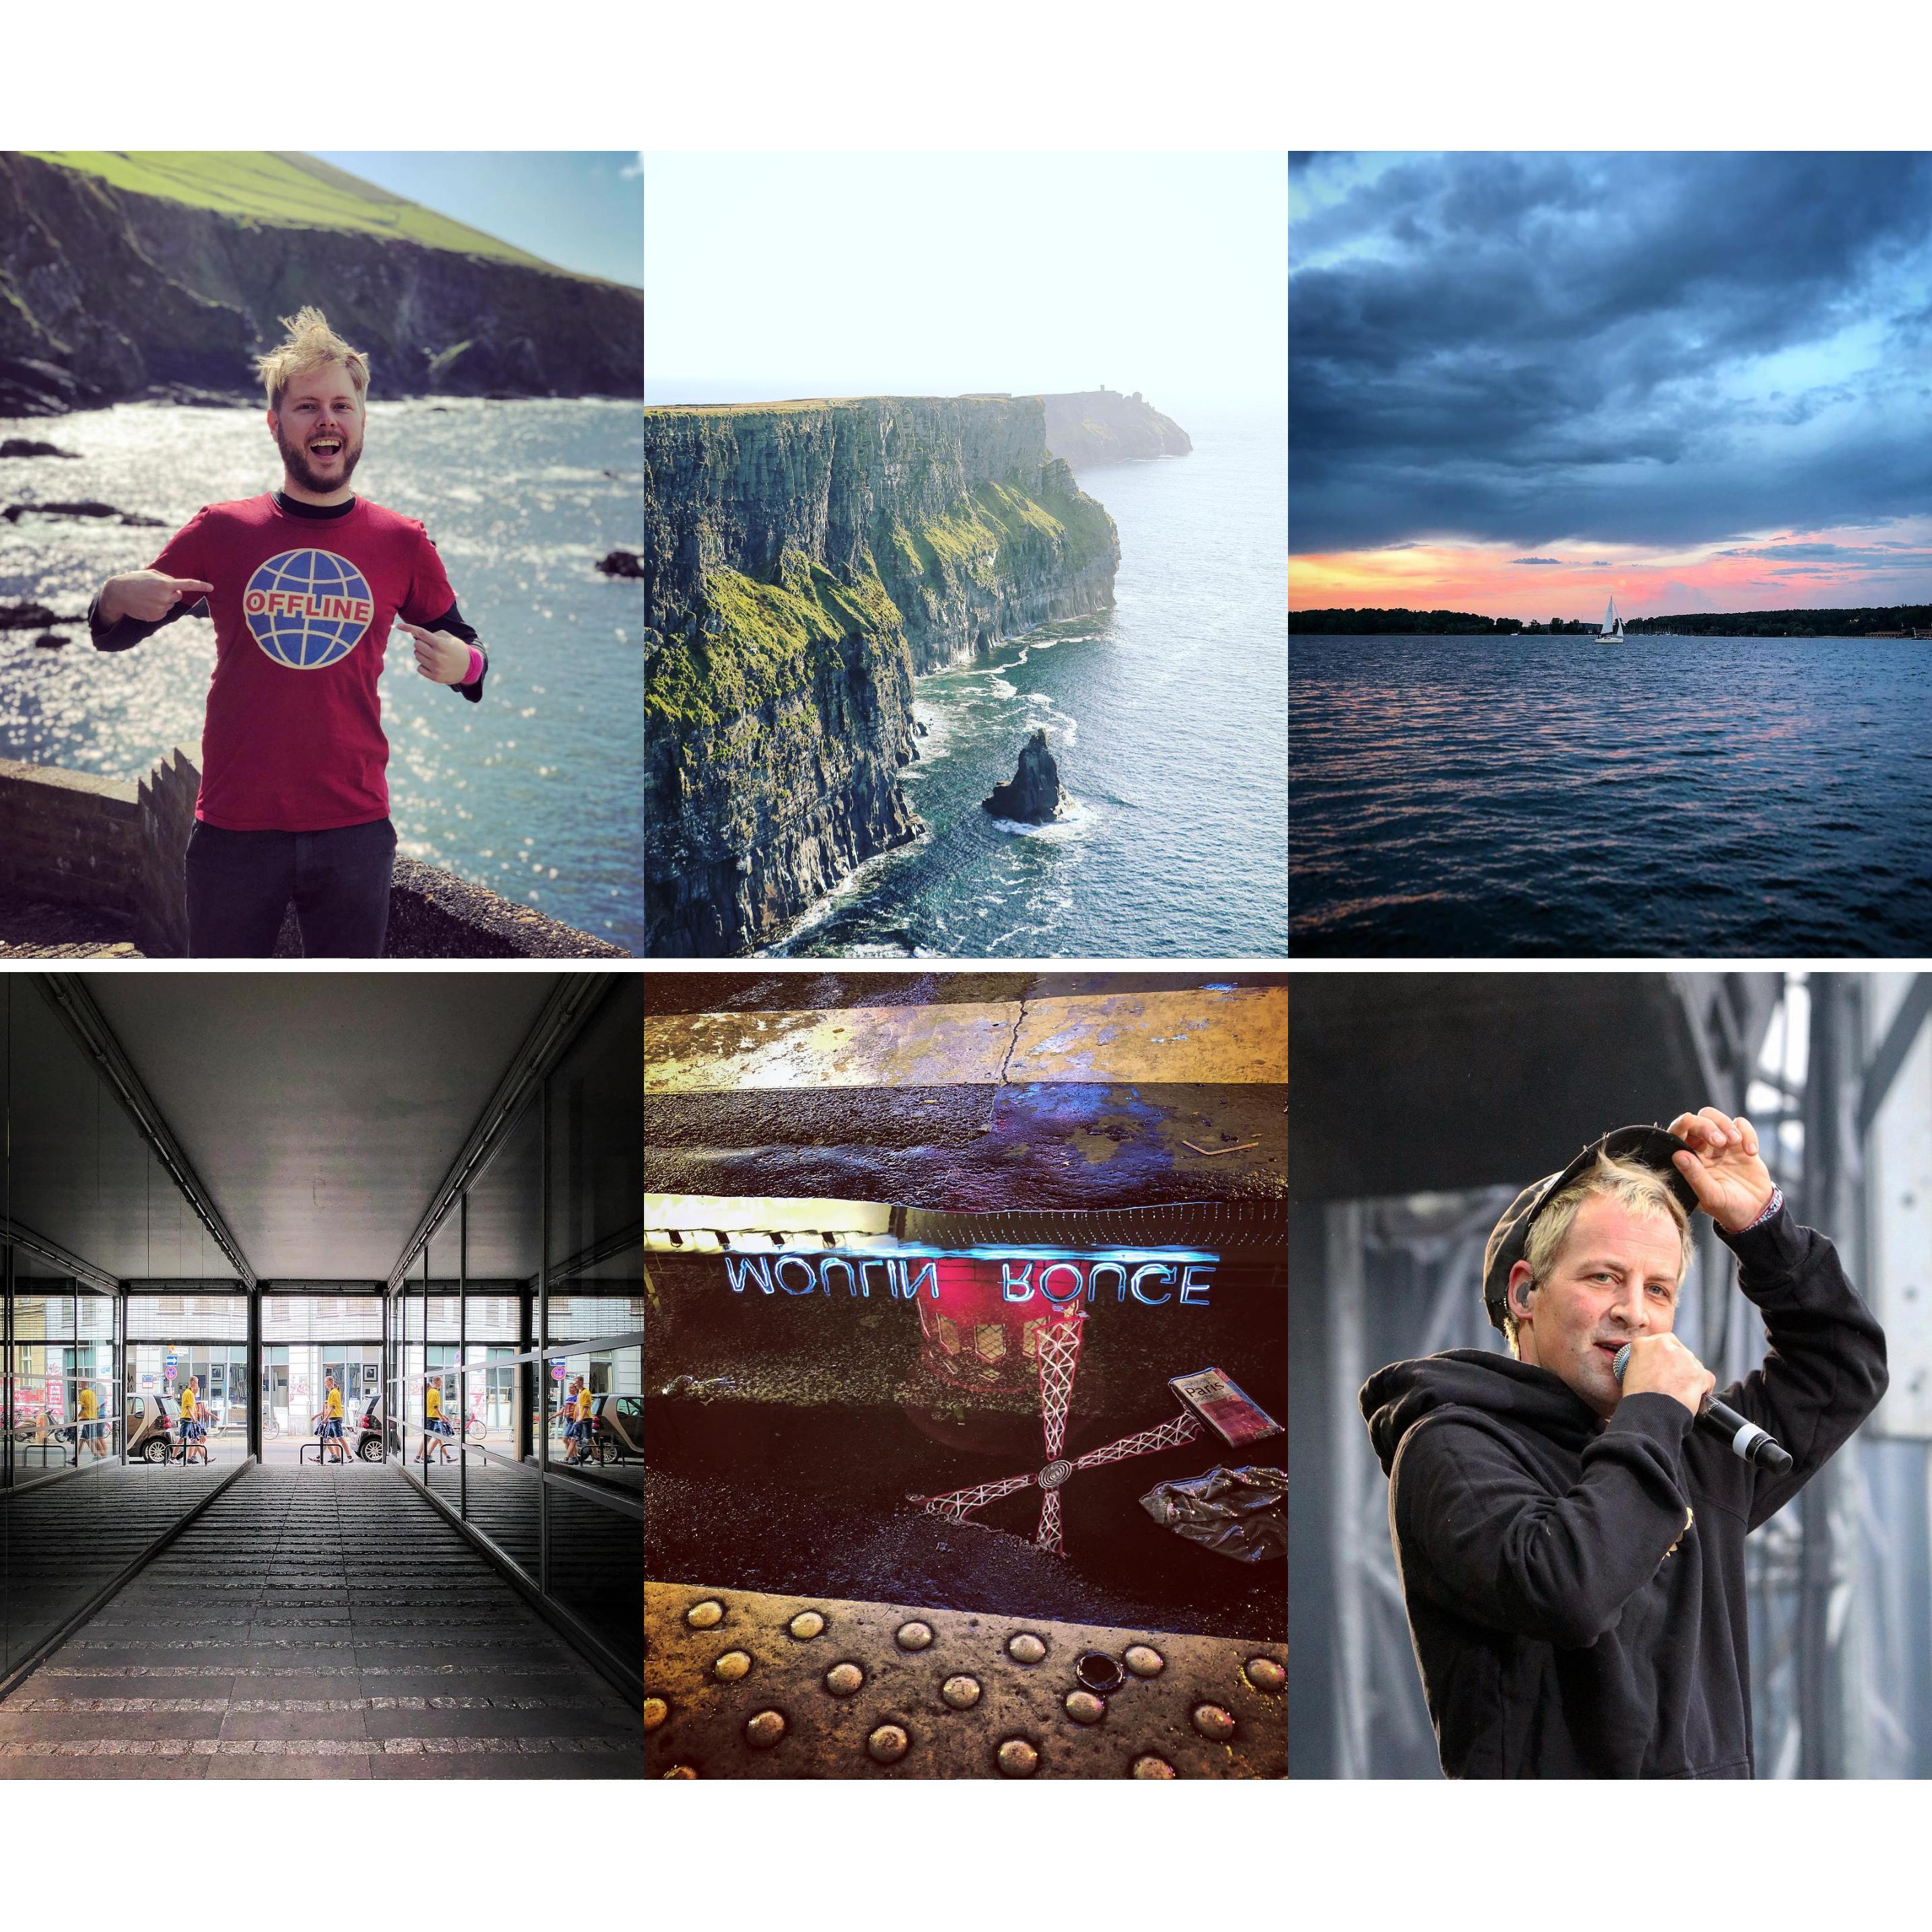 Meine liebsten Instagram-Bilder des Jahres 2018 langweiledichnet_04